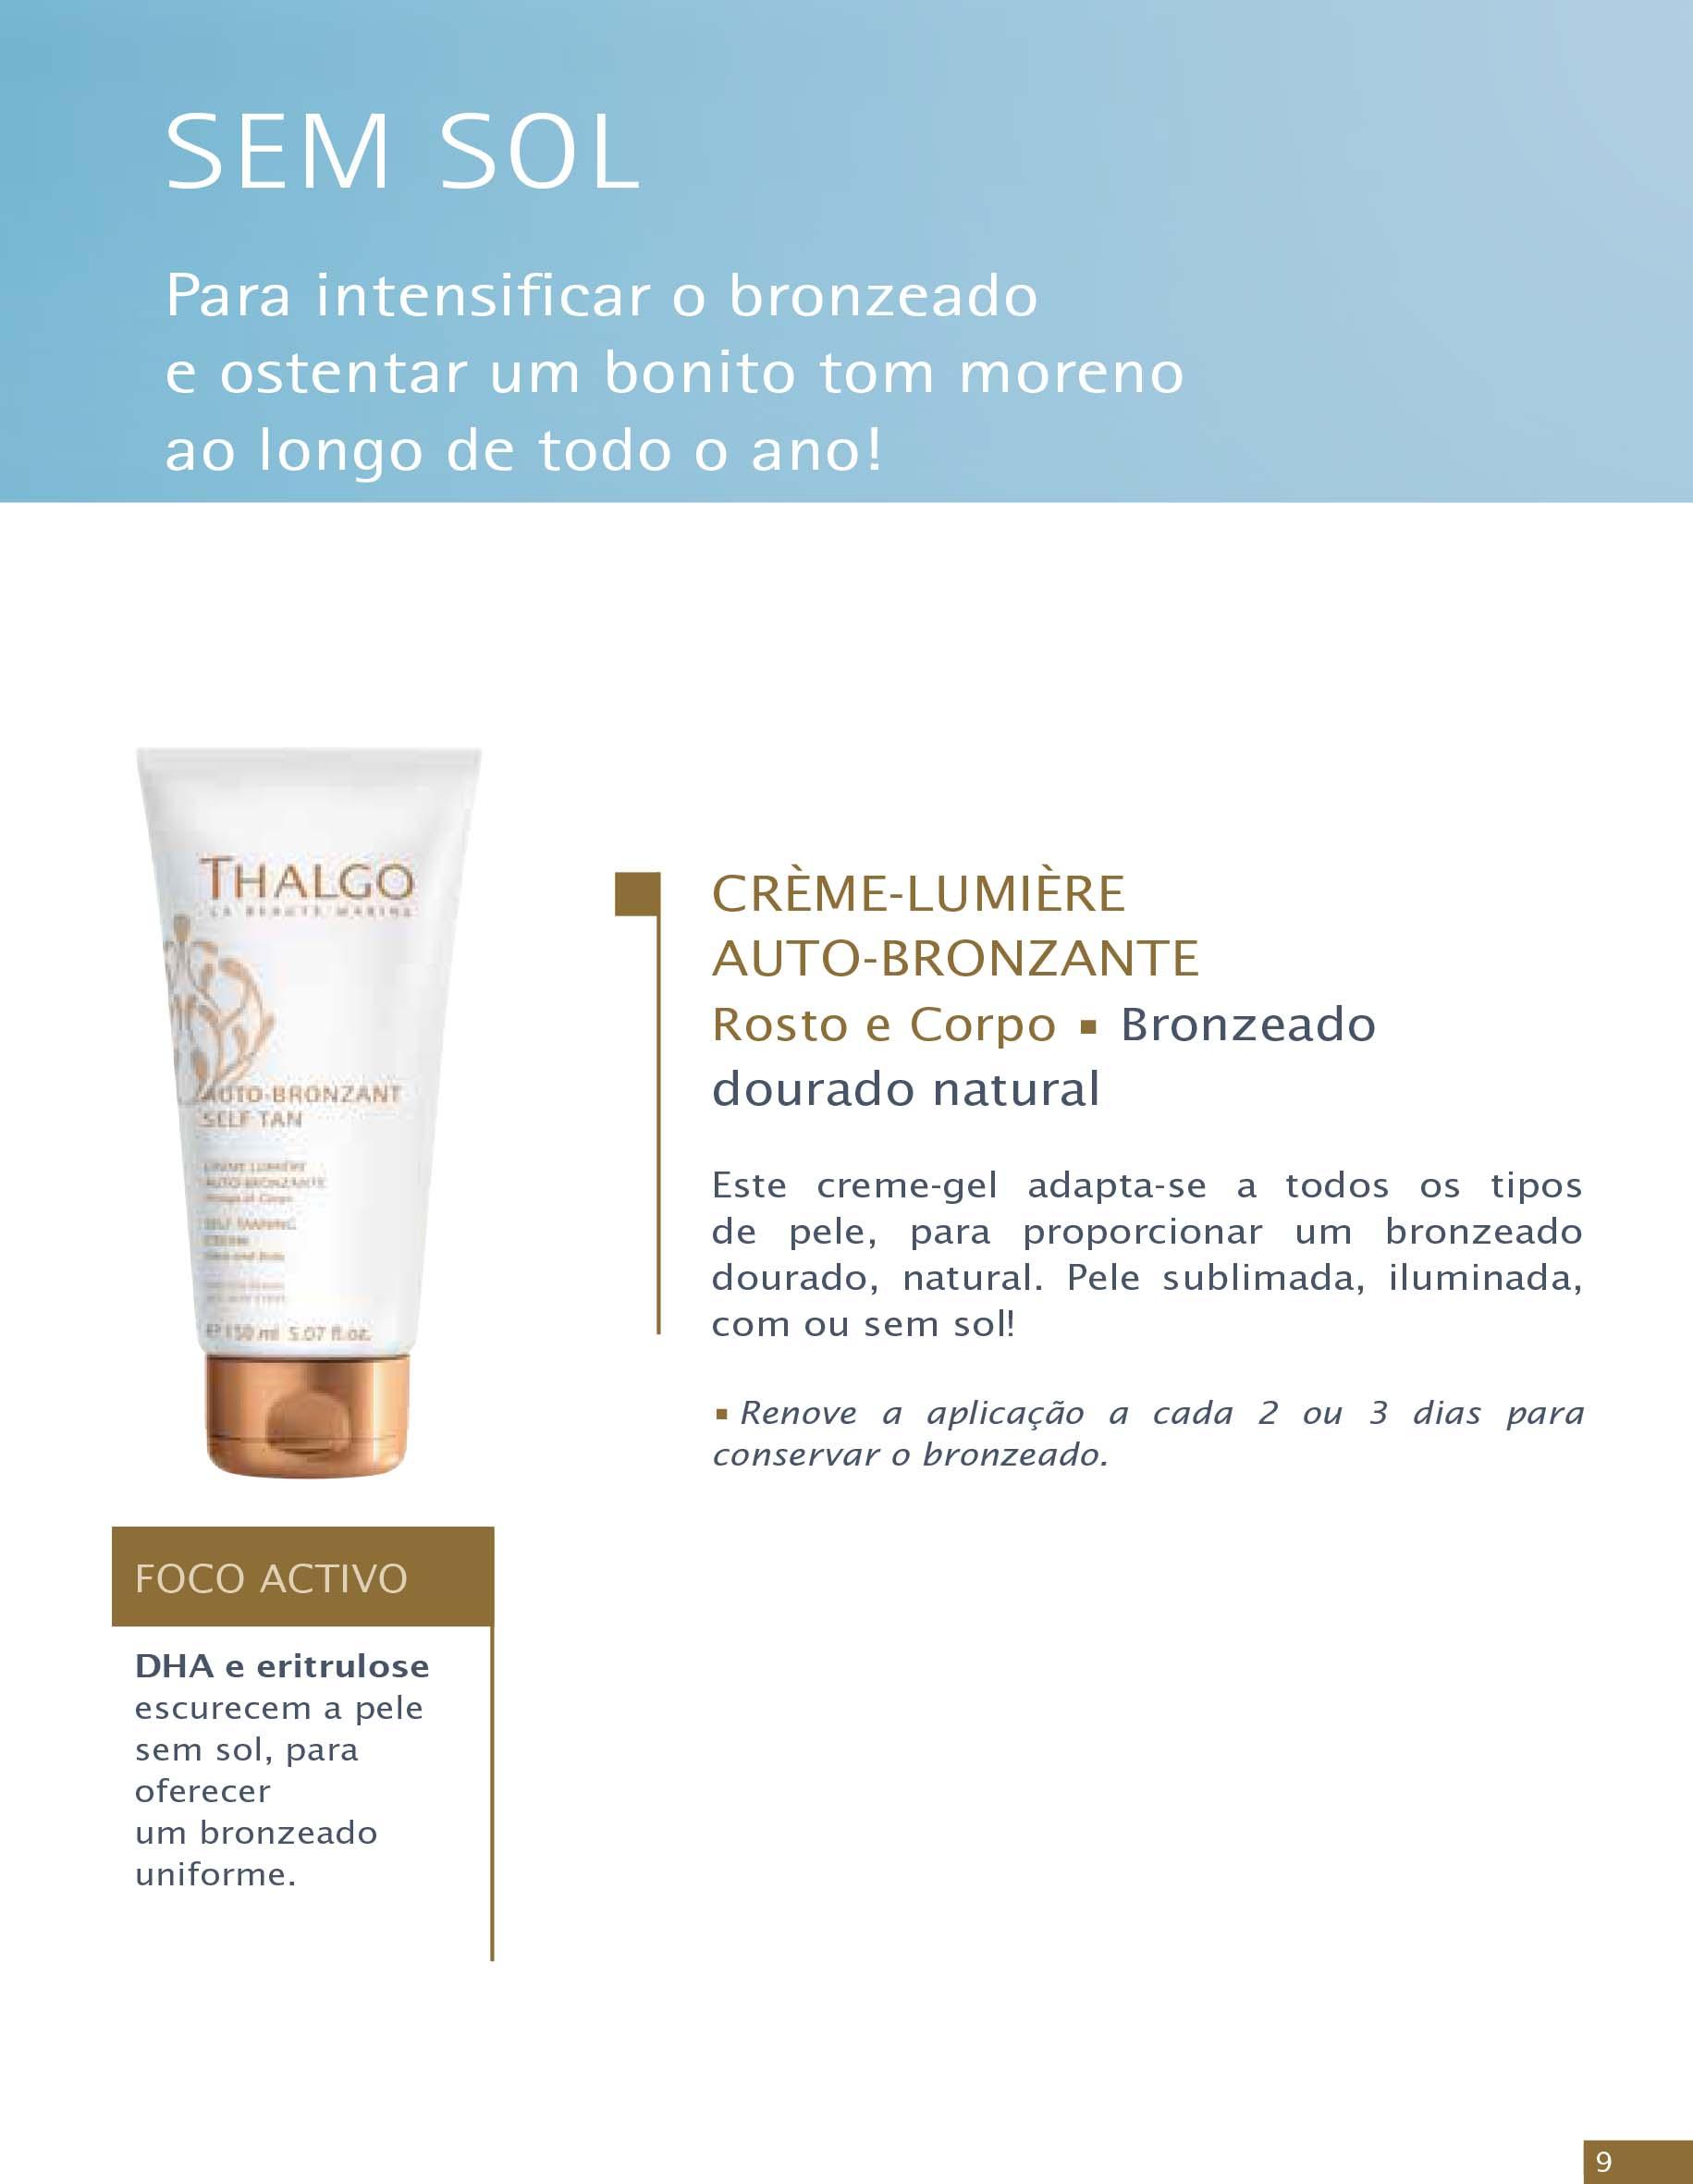 LT 17186 - Brochure Solaire 2018 PT BR-9